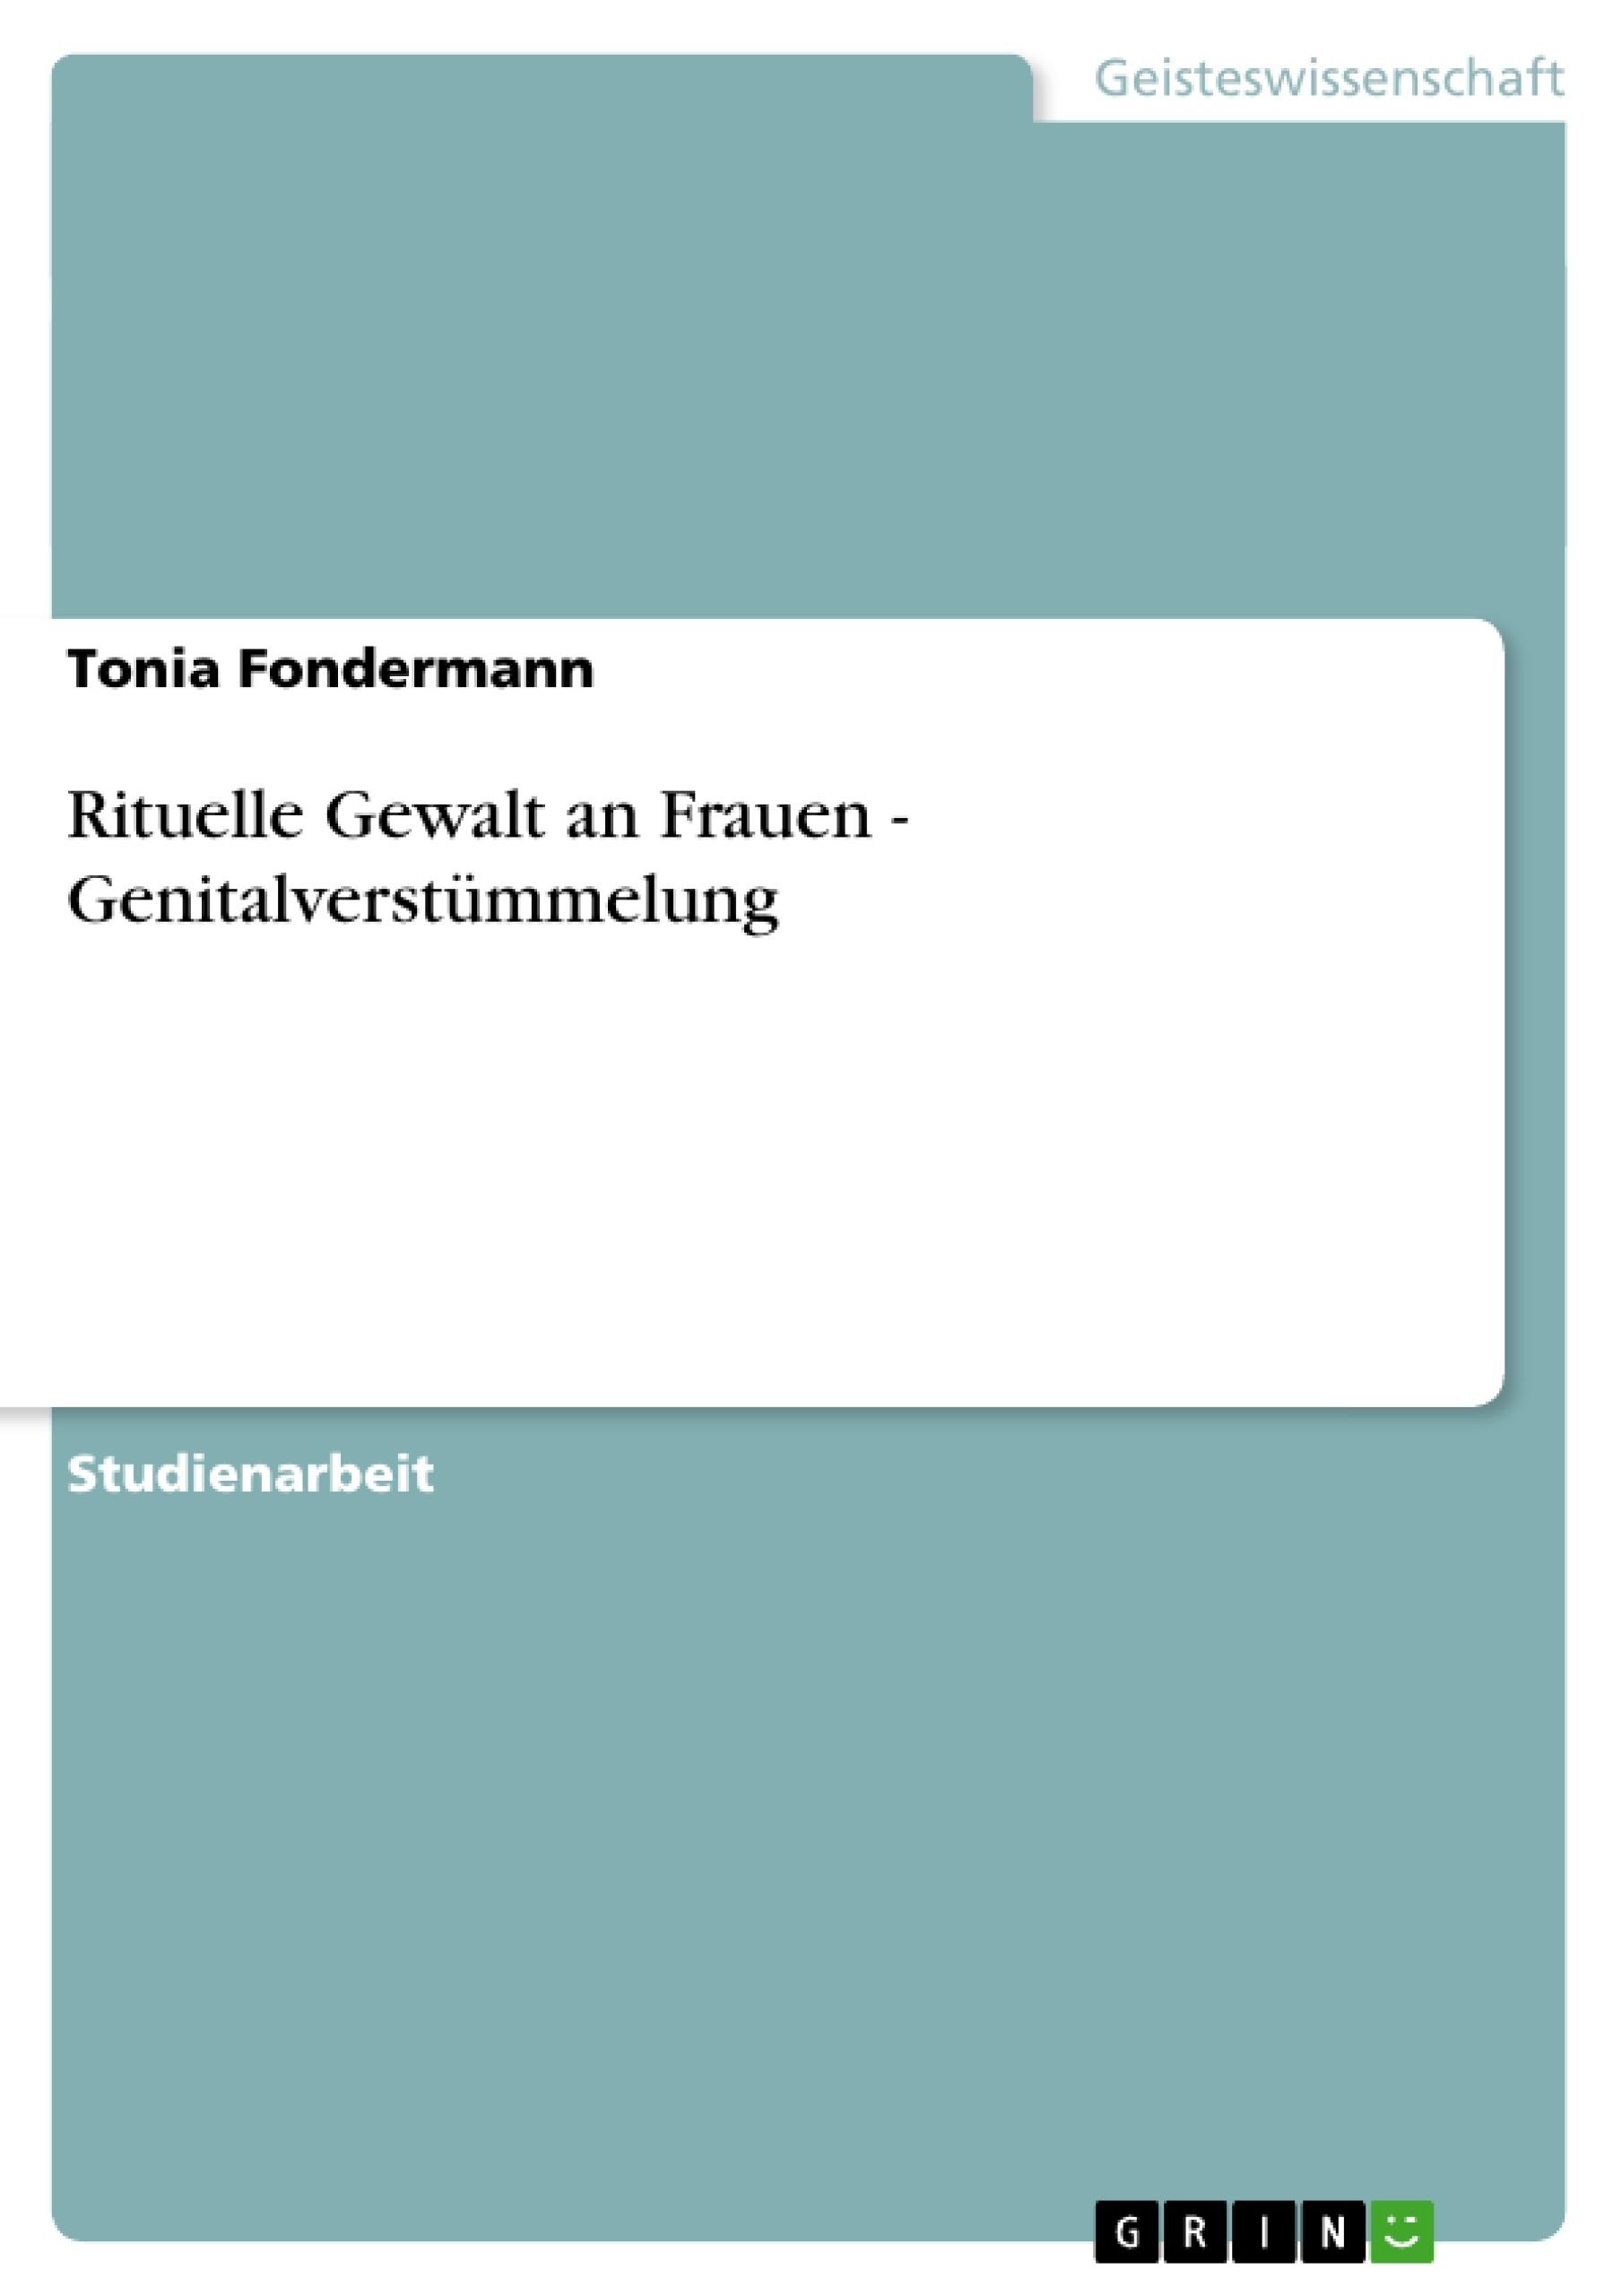 Titel: Rituelle Gewalt an Frauen - Genitalverstümmelung